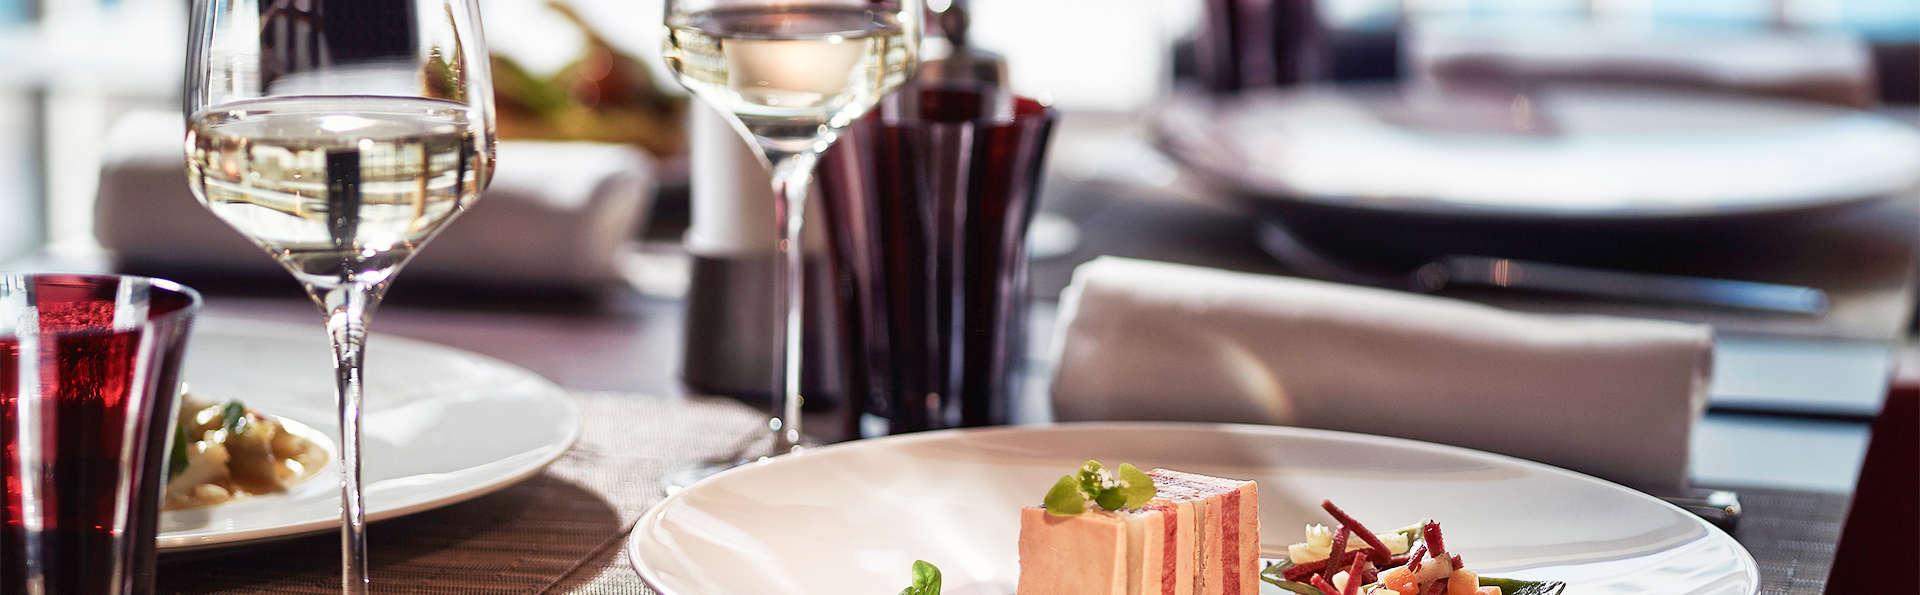 Week-end détente avec dîner gourmet au cœur de Paris